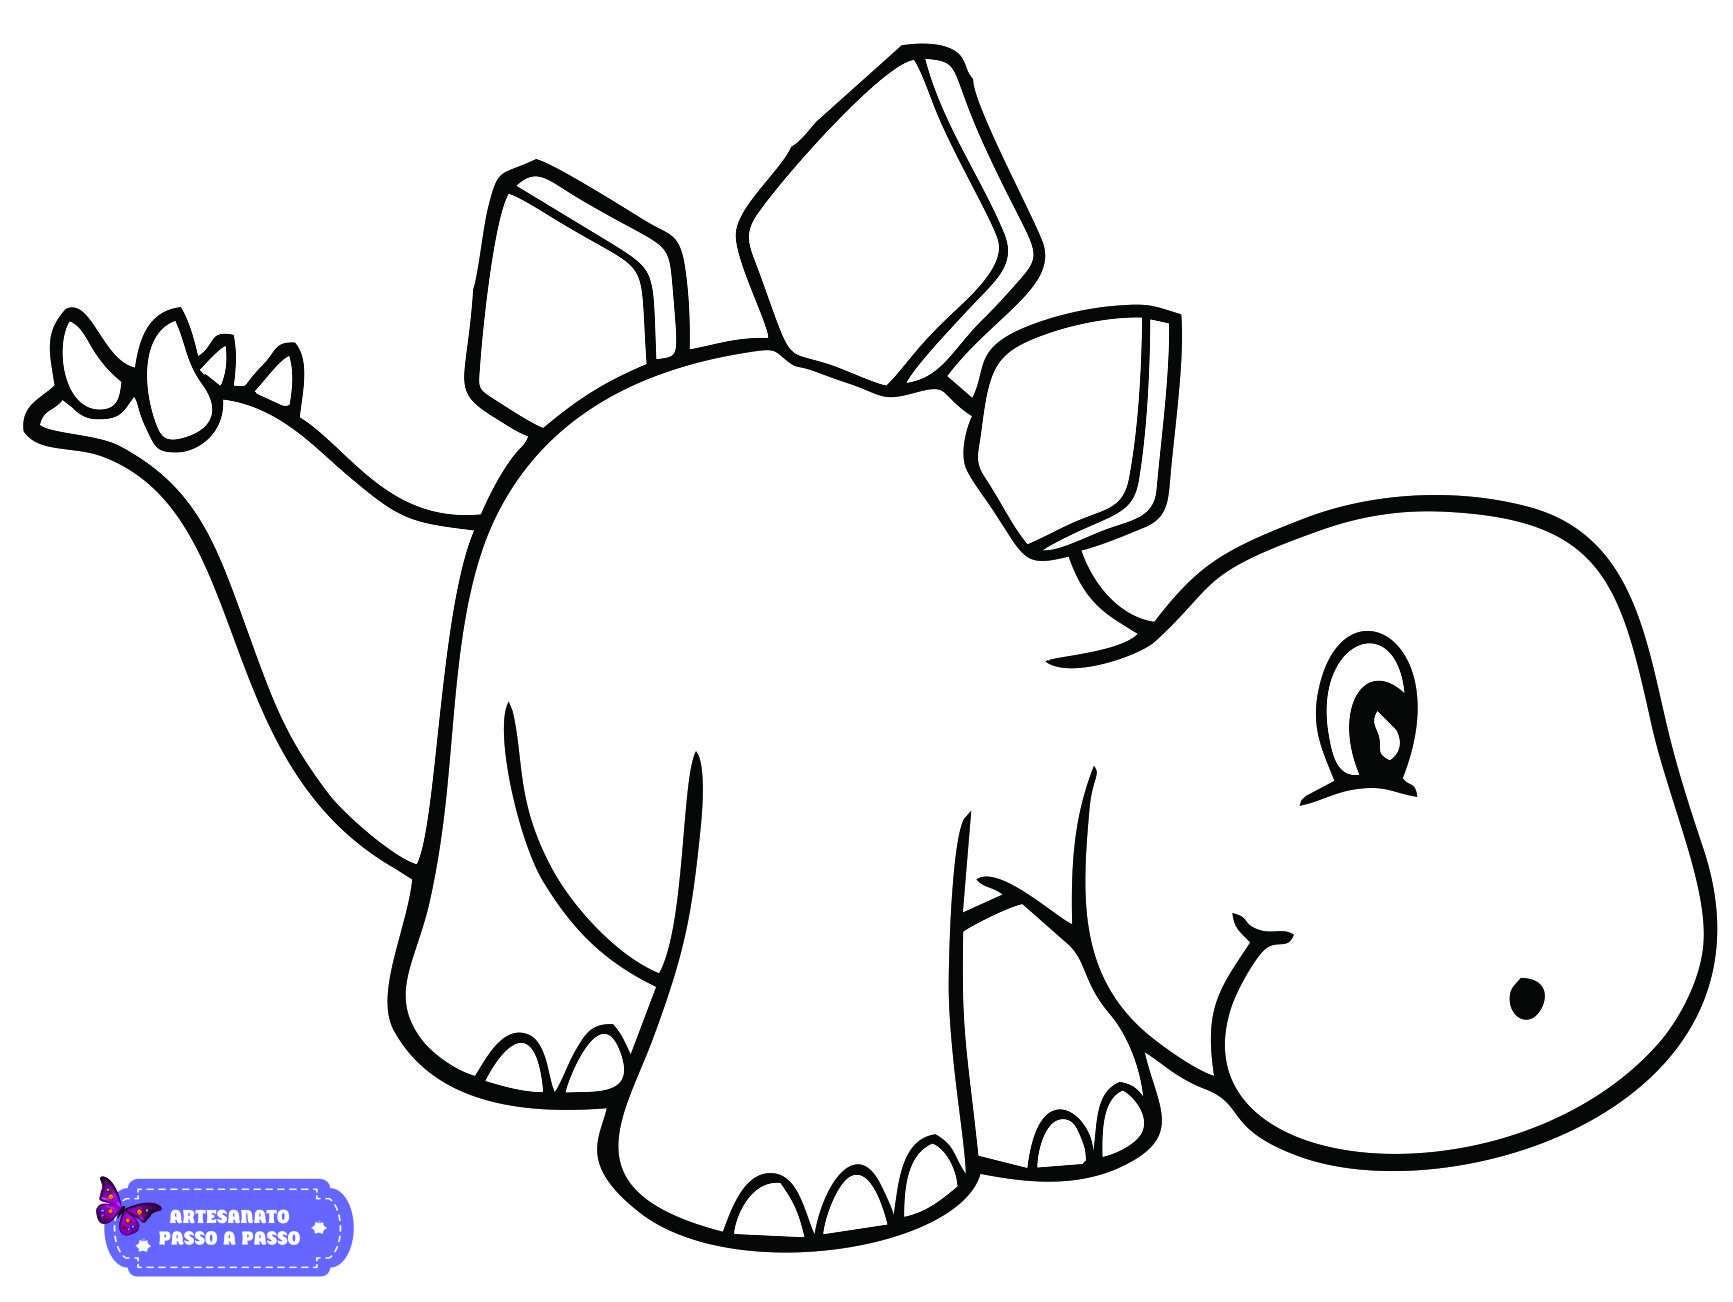 Desenhos Para Pintar: Desenhos Para Pintar E Imprimir Infantil